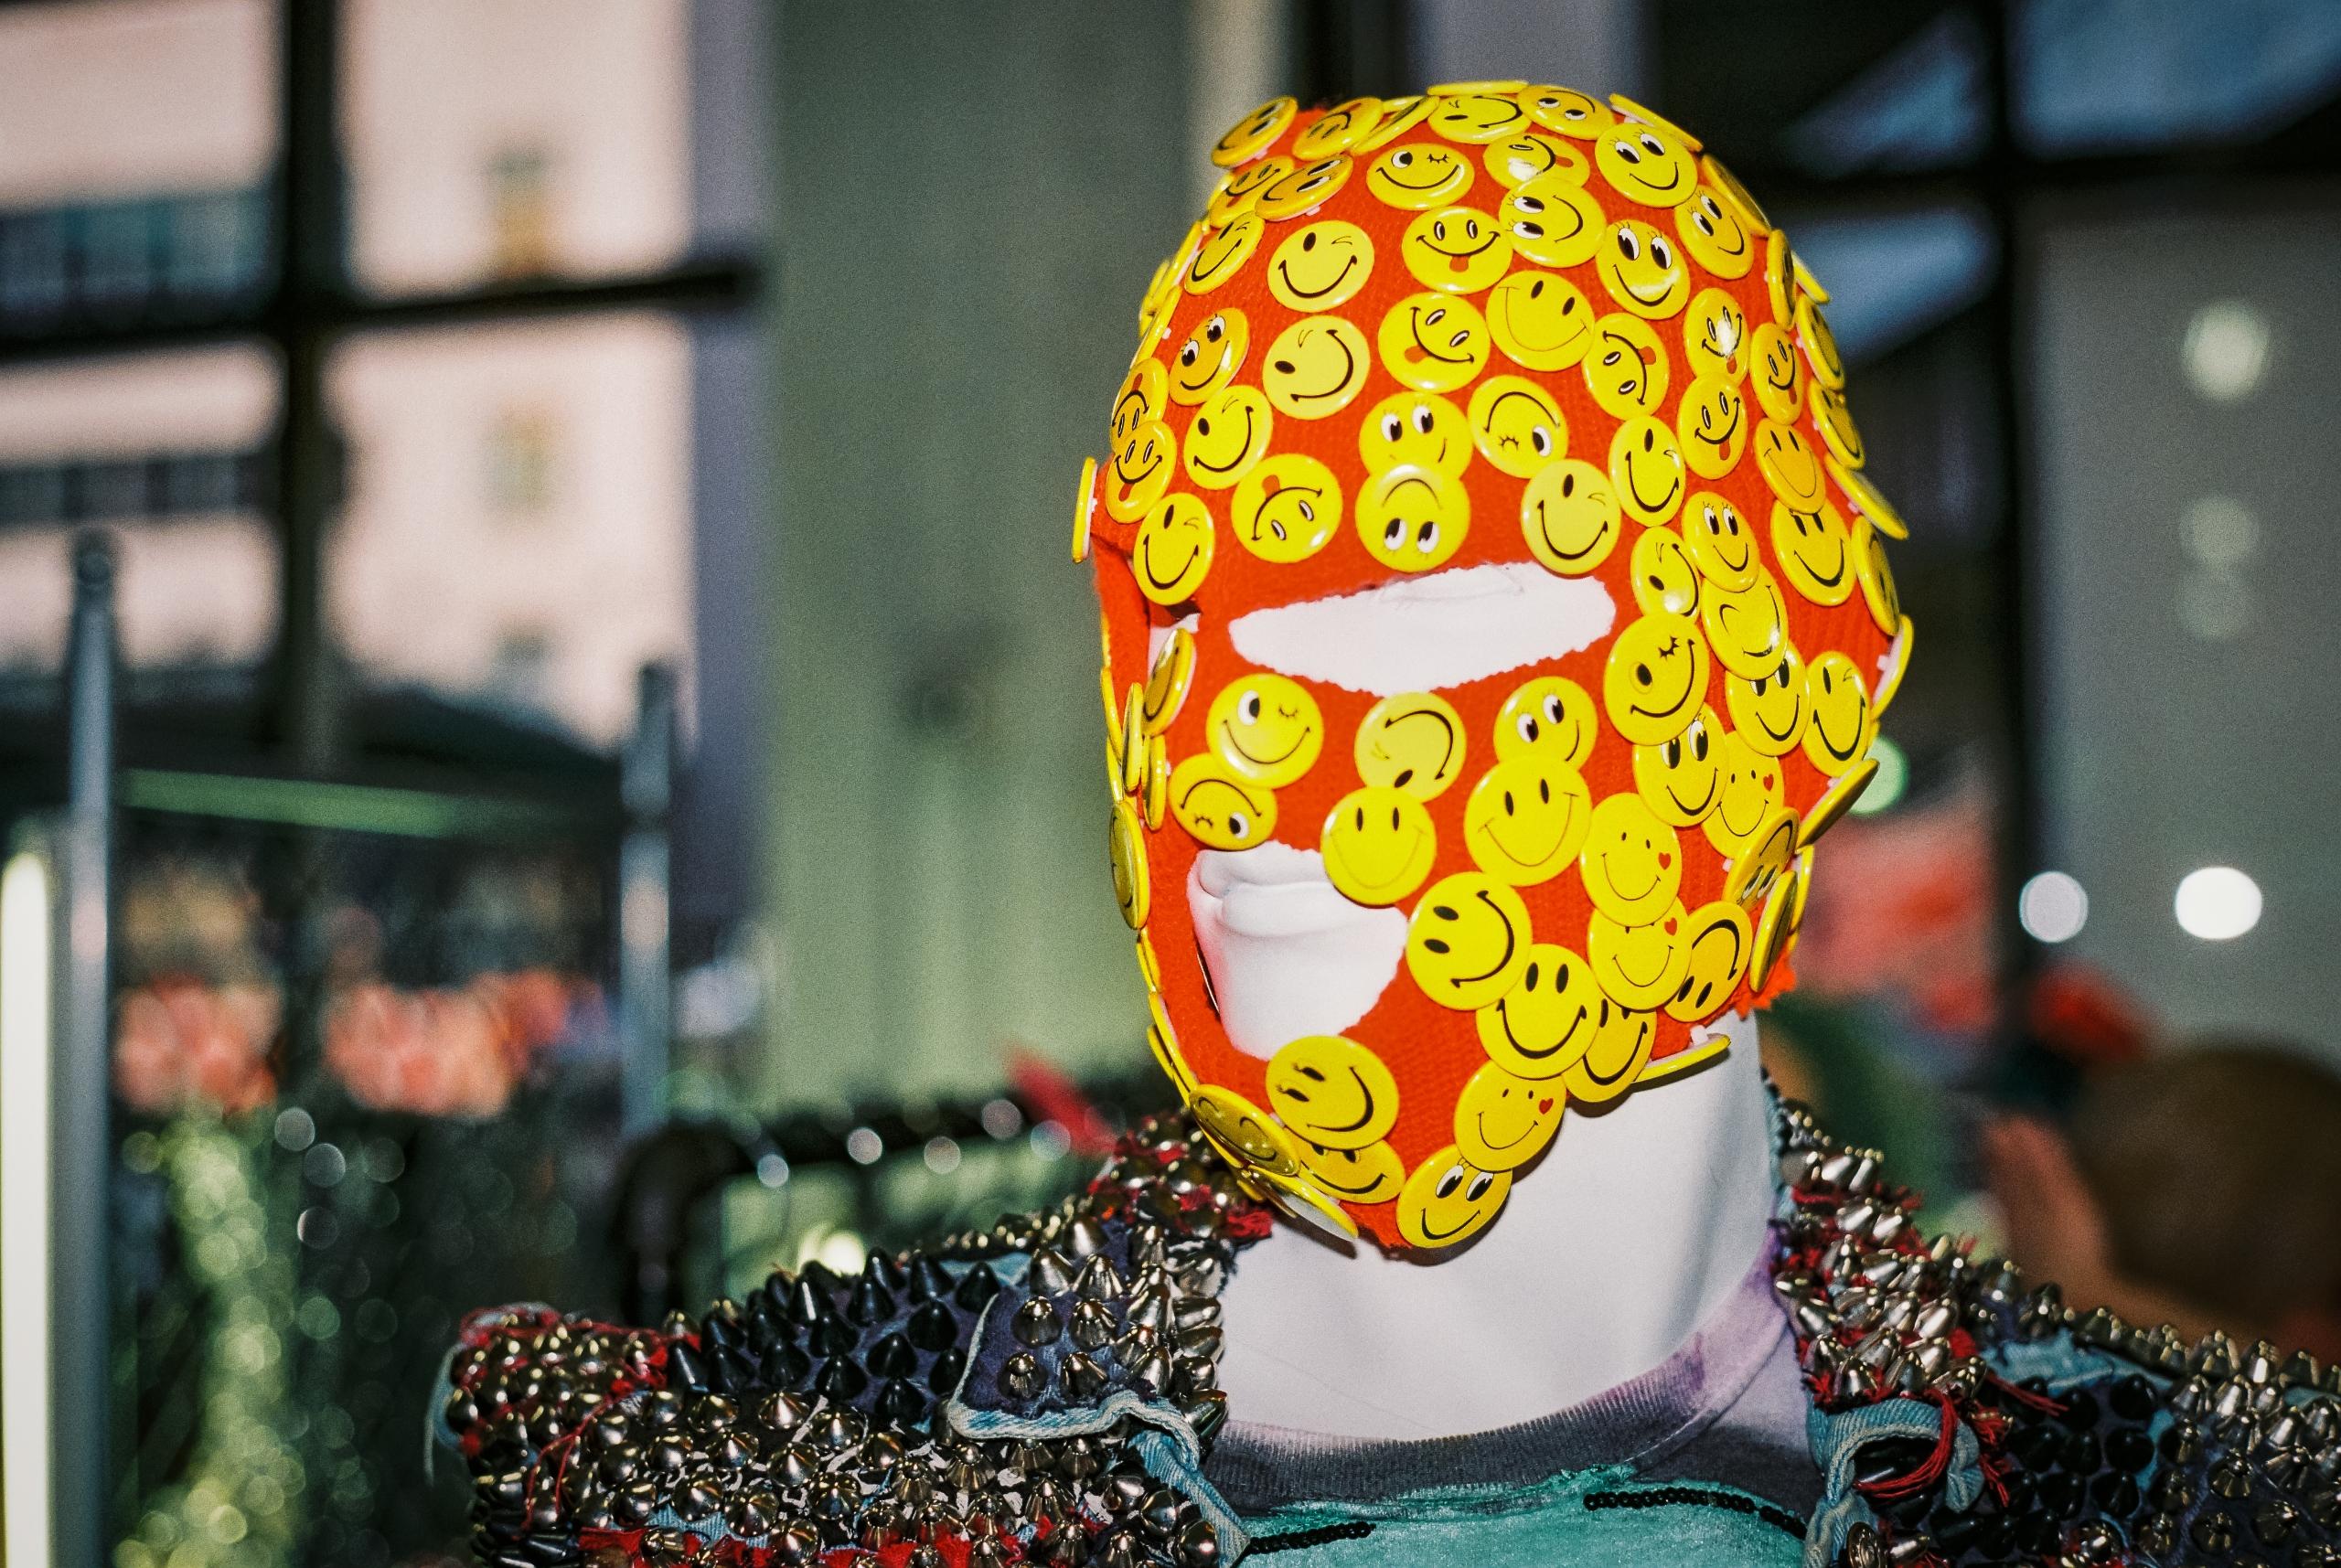 Put Happy Face - photography, 35mm - danbassini | ello